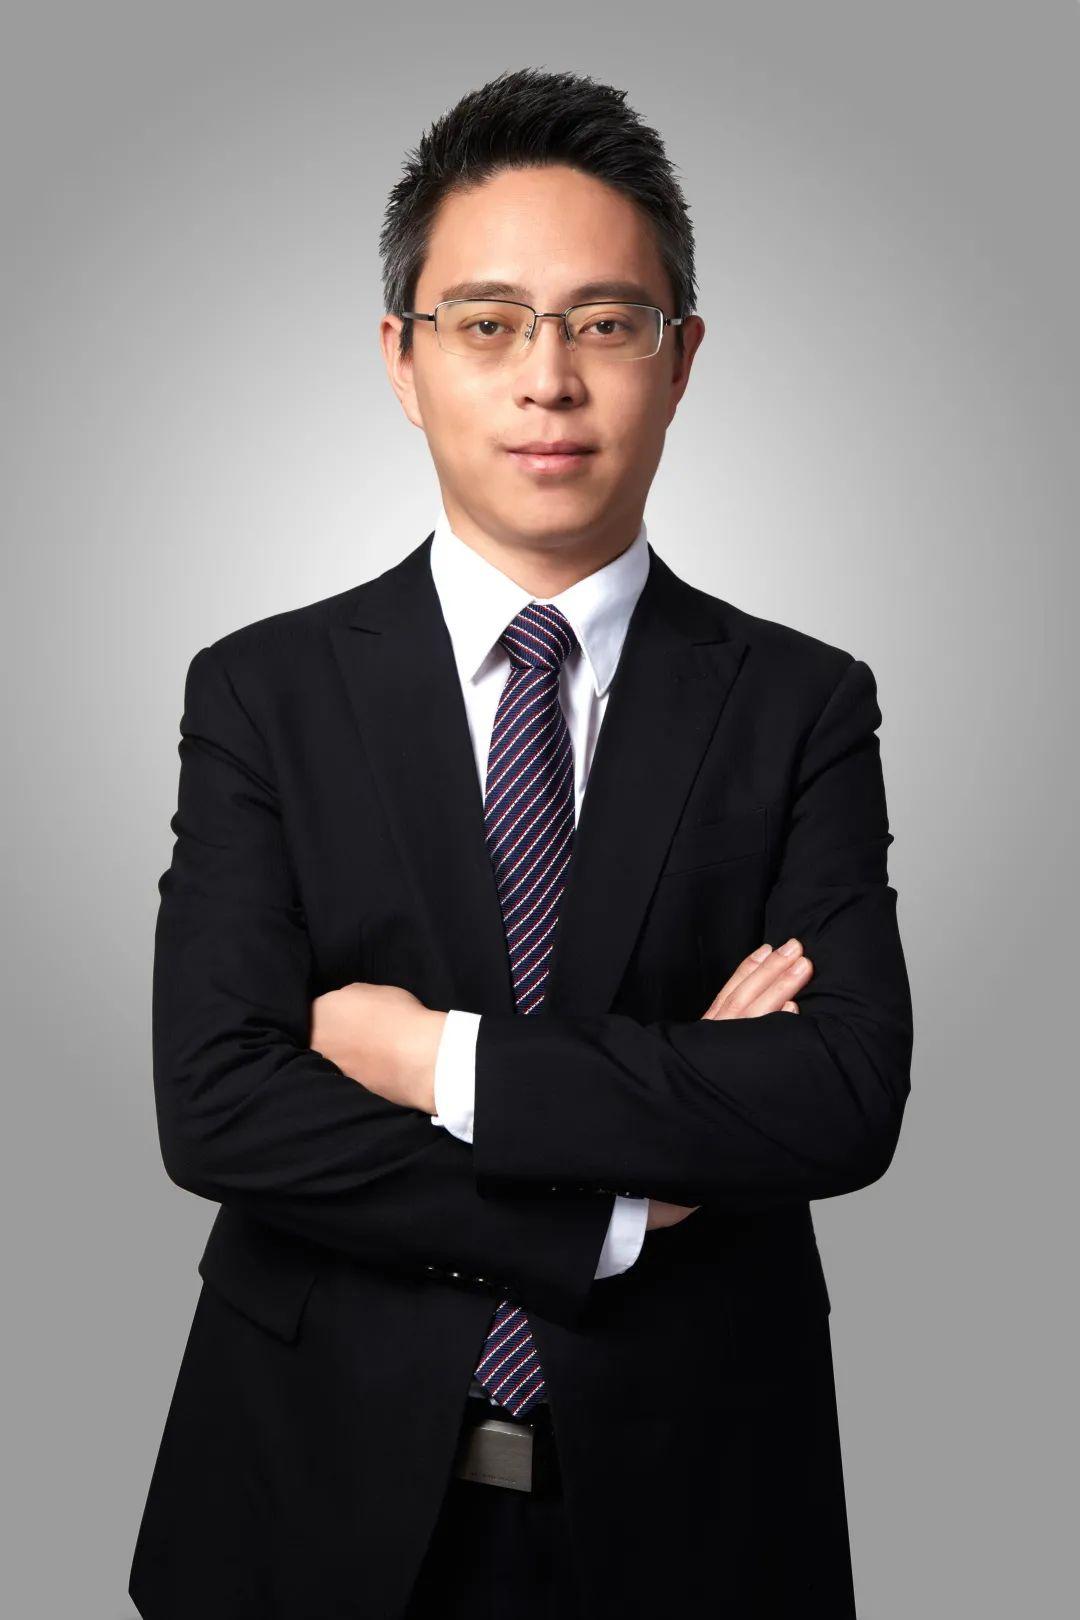 东方基金蒋茜:权益市场仍然处于有利环境 光伏、电动车产业或是未来5-10年黄金赛道